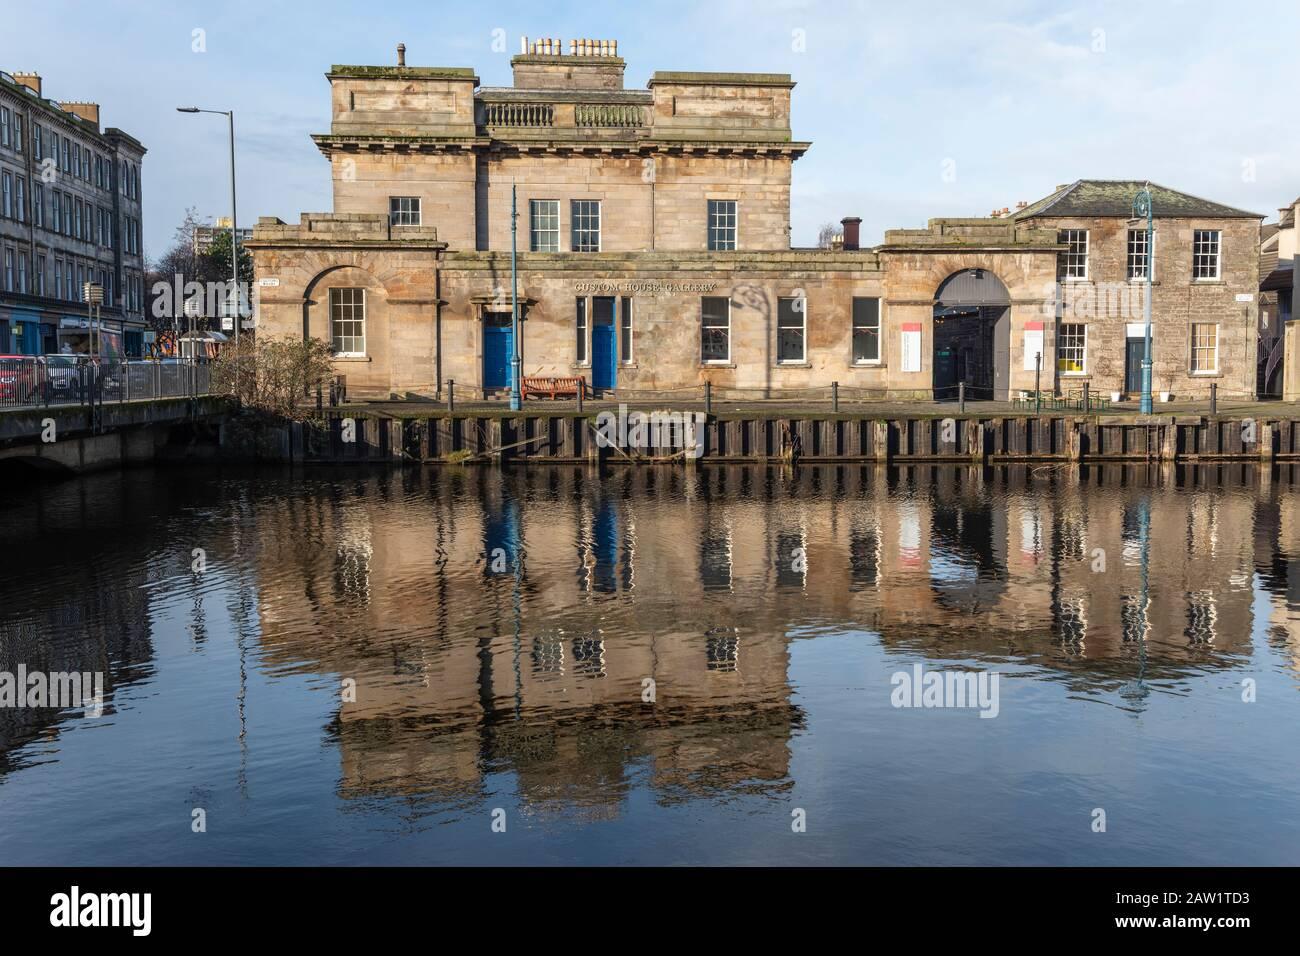 Custom House Gallery on Customs Wharf reflejado en el agua de Leith en Leith, Edimburgo, Escocia, Reino Unido Foto de stock